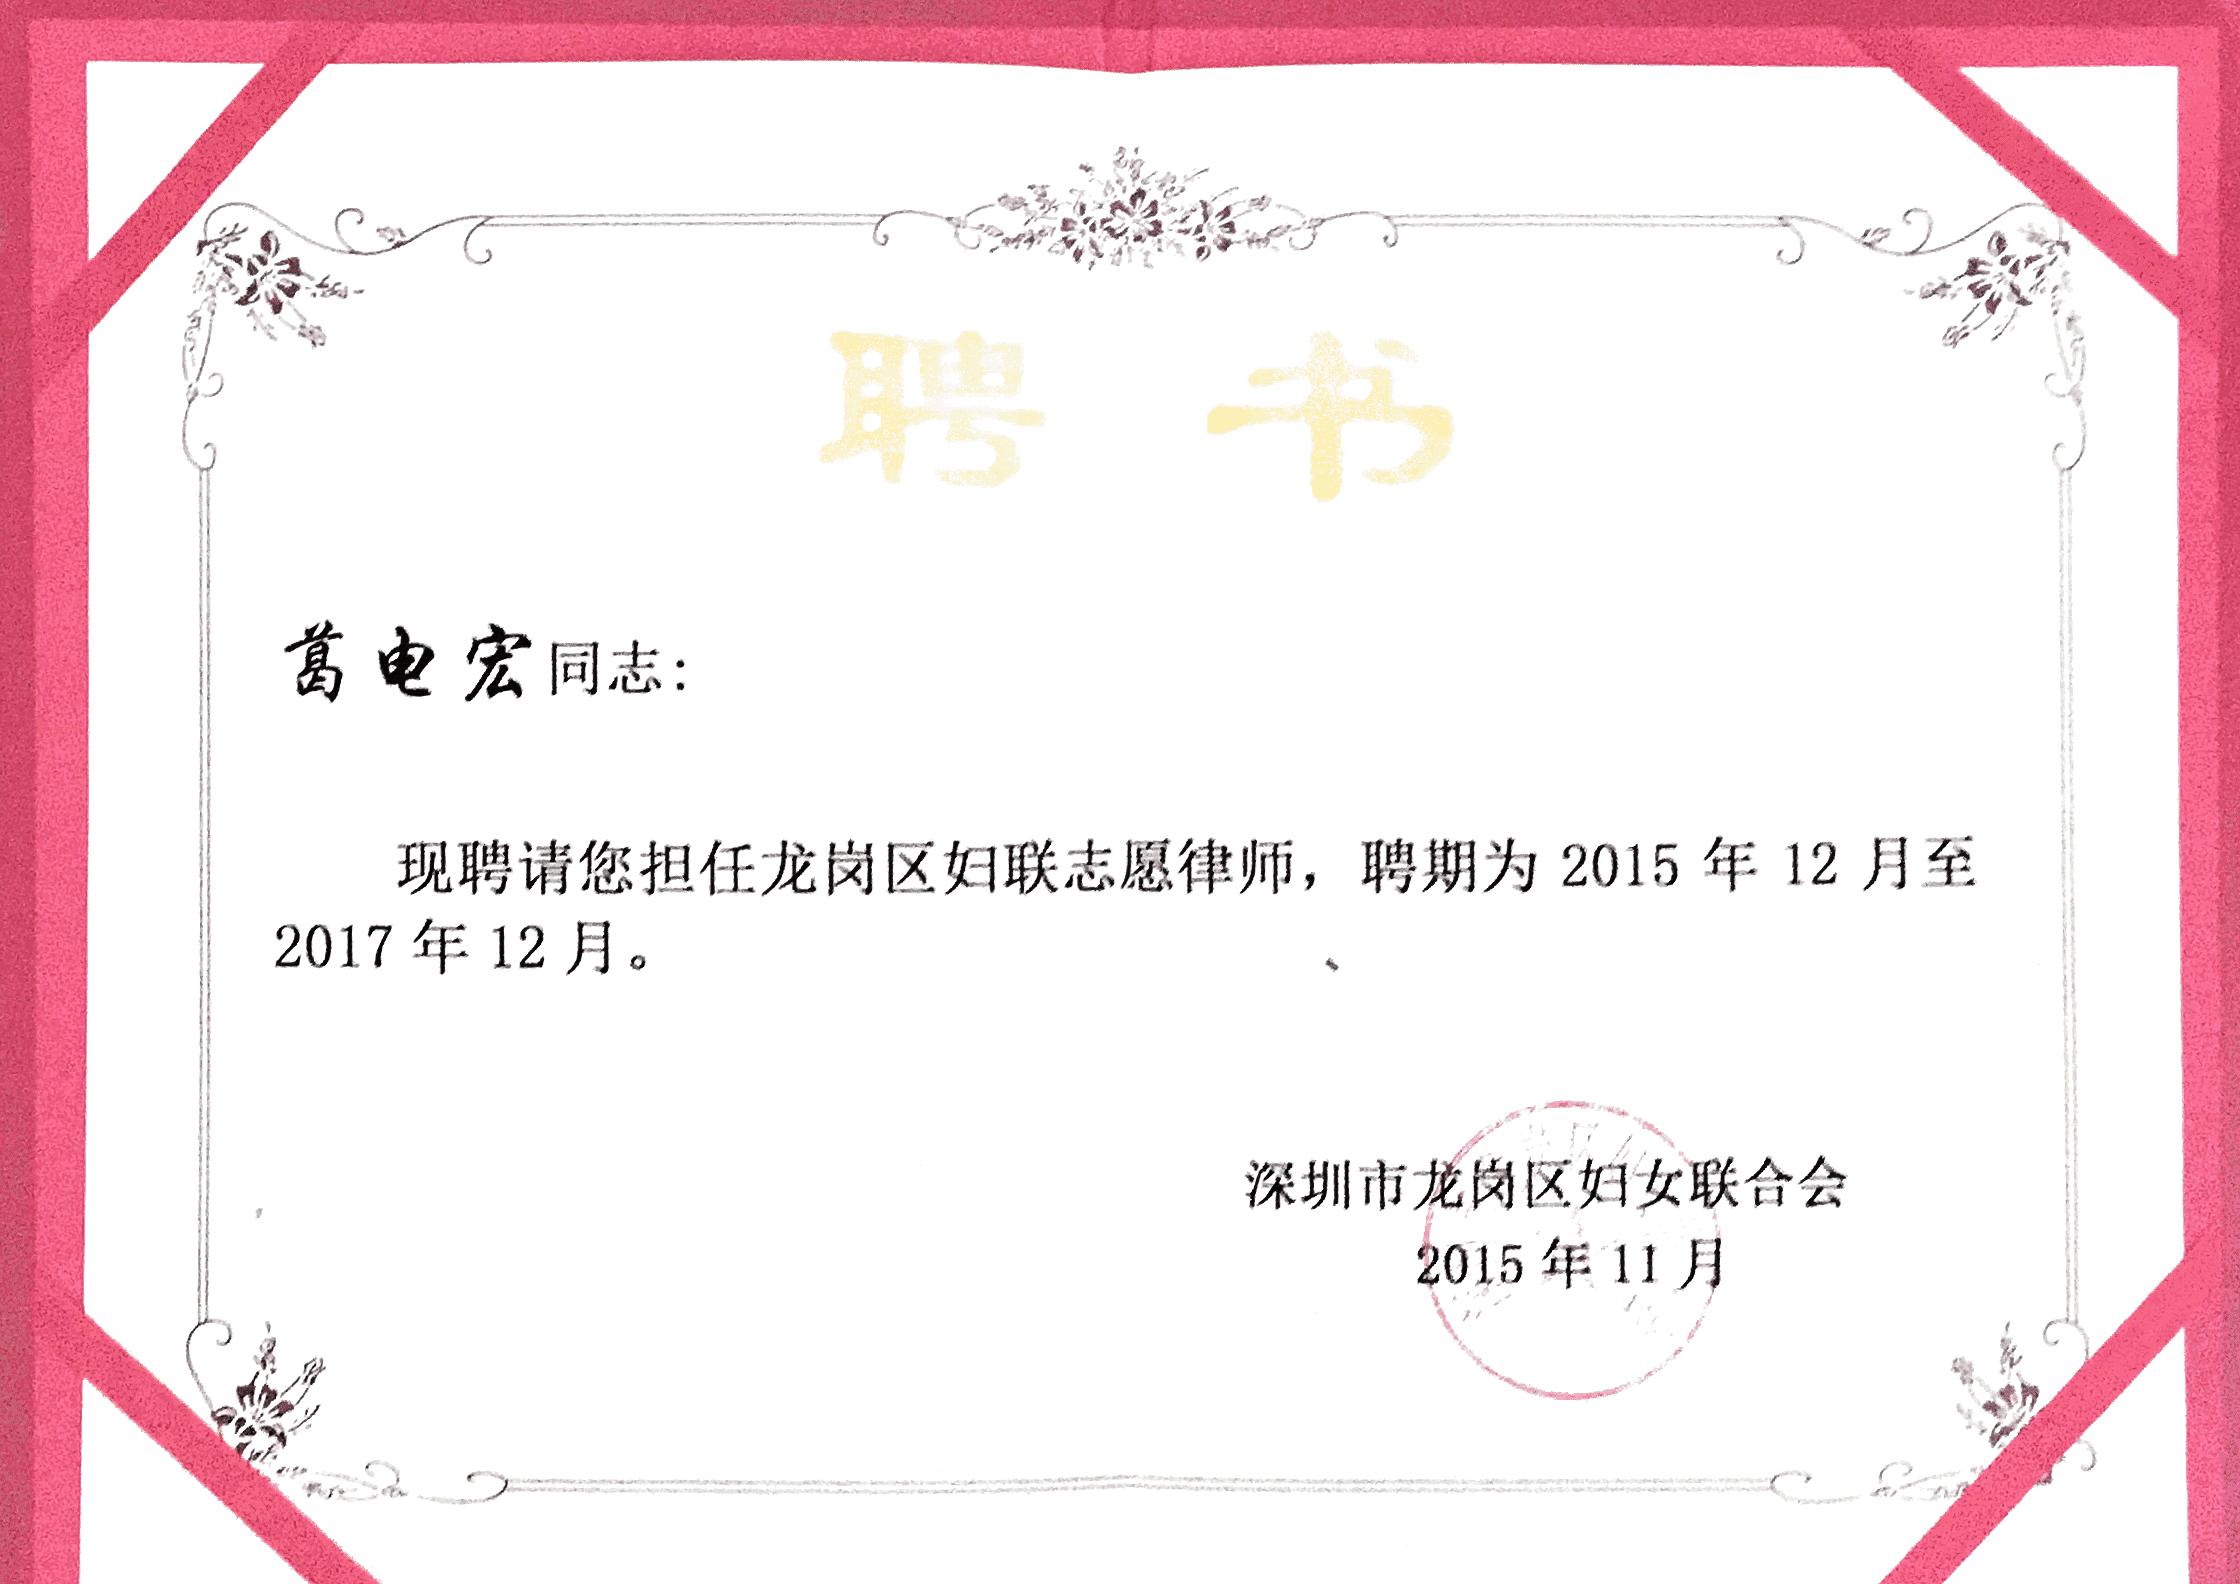 葛电宏律师被聘为龙岗区妇联志愿律师